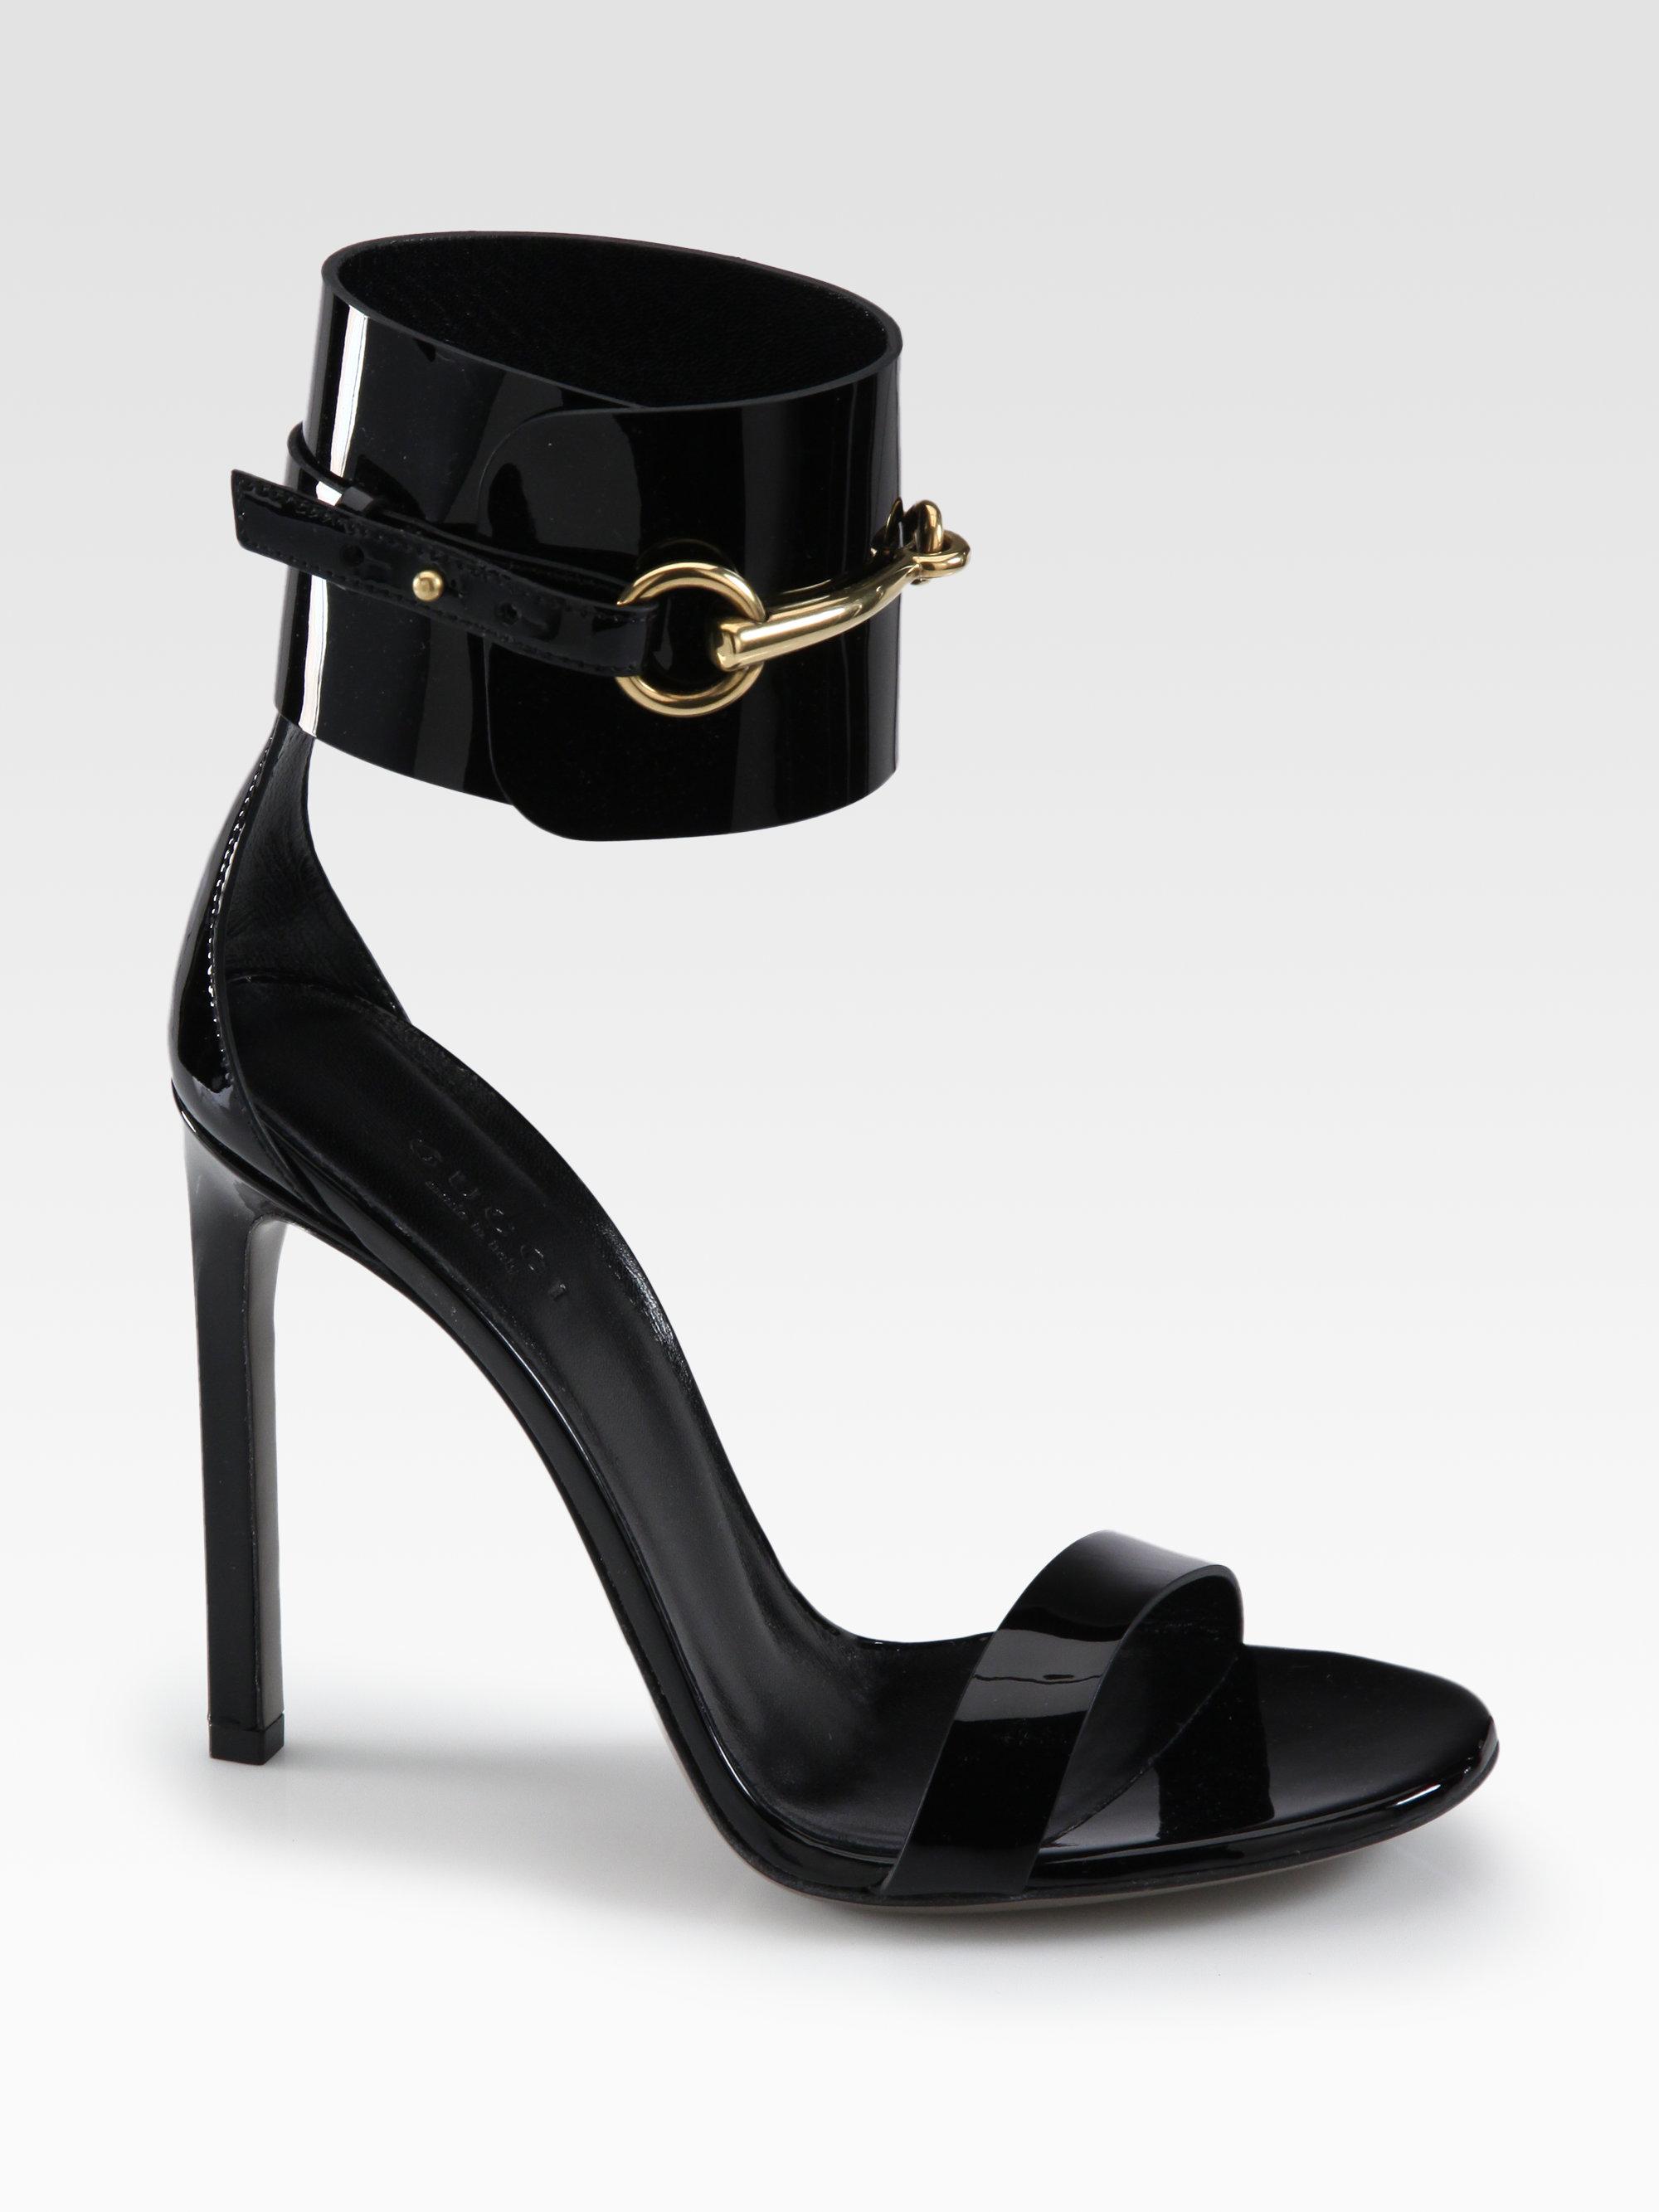 Black gucci sandals - Gucci Black Sandals